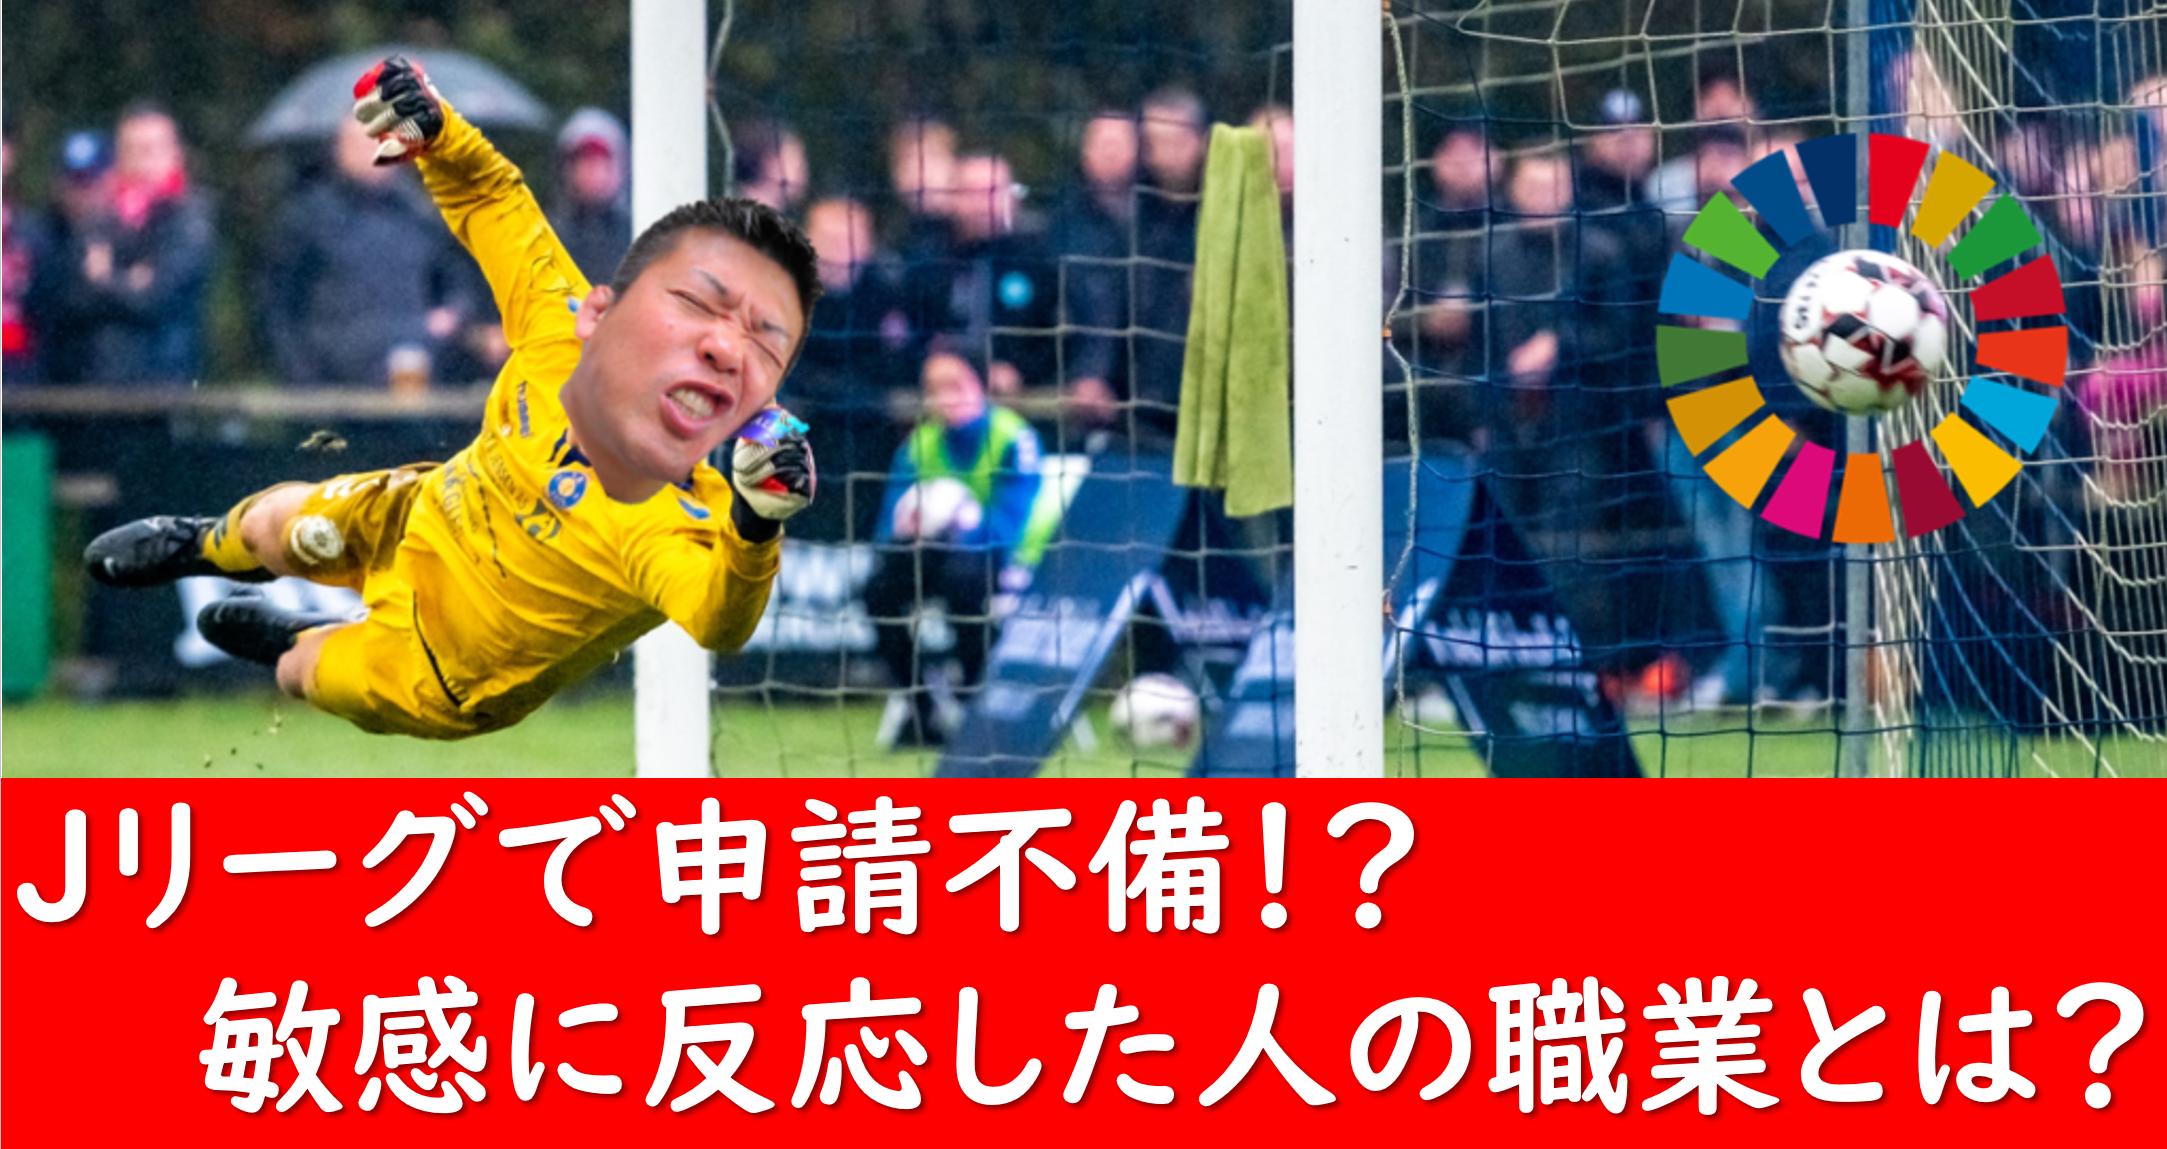 サムネ Jリーグ 浦和レッズが申請不備